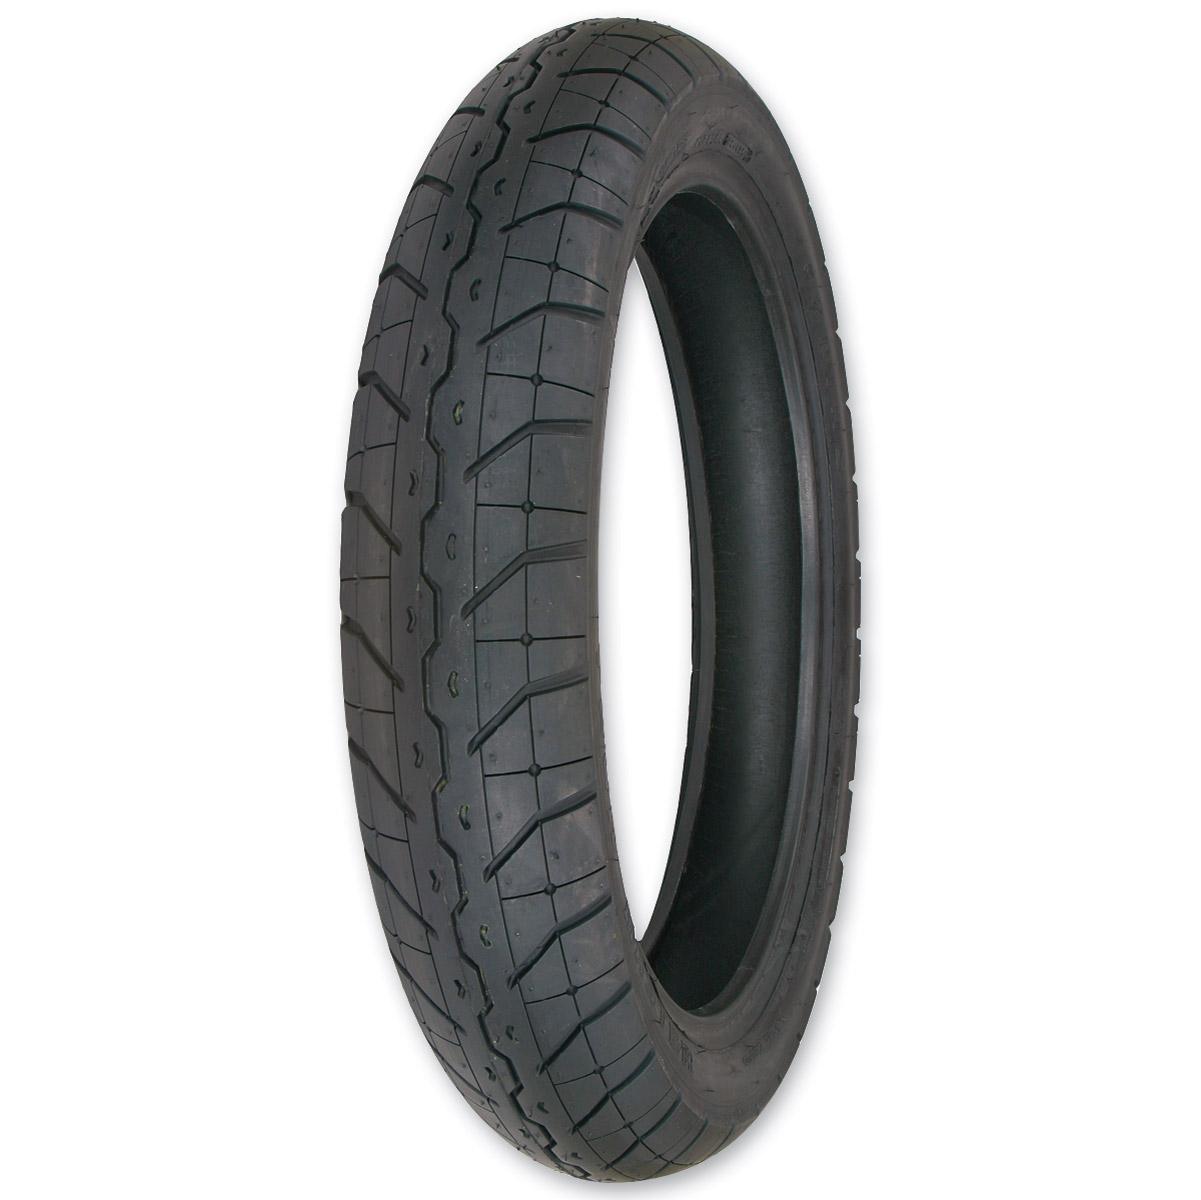 Shinko 230 Tour Master 100/90-19 Front Tire